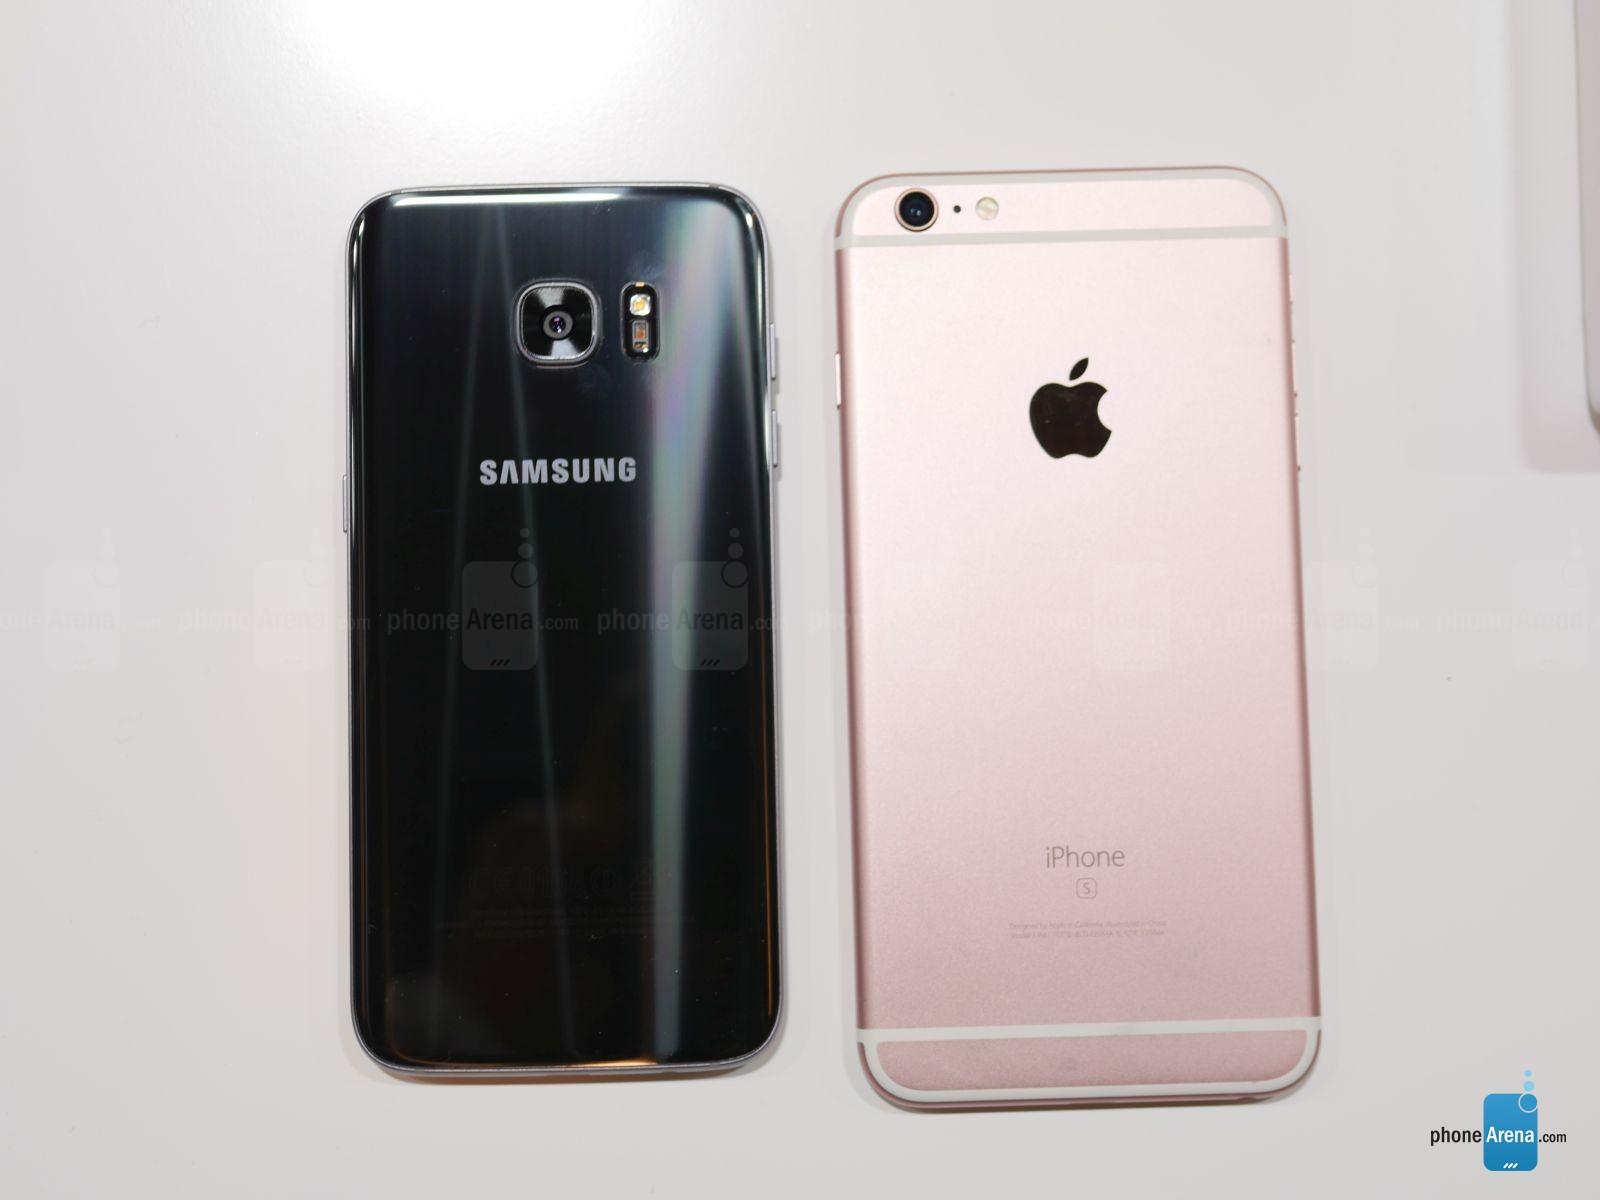 Samsung-Galaxy-S7-edge-vs-Apple-iPhoбблоne-6s-Plus